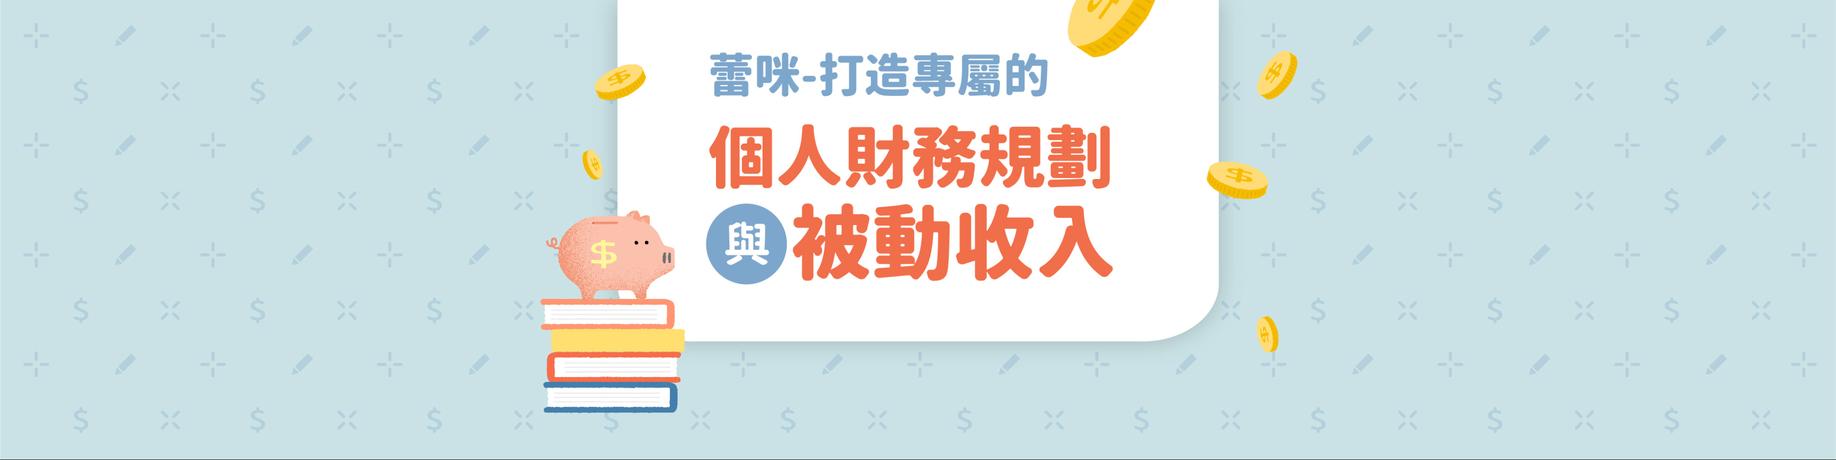 蕾咪-打造專屬的個人財務規劃與被動收入